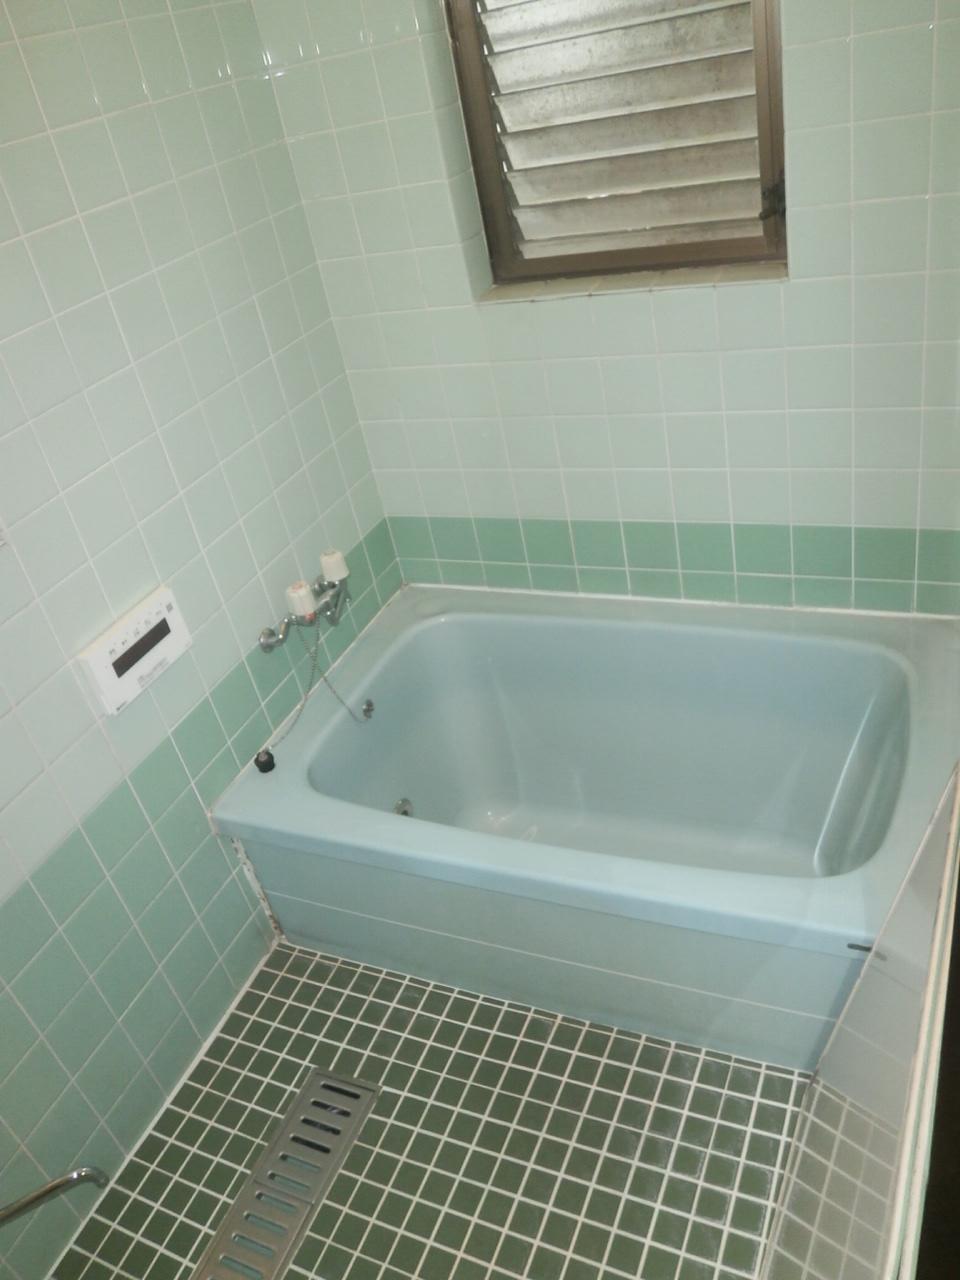 浴室リフォーム TOTO|サザナ|1220 越谷 K様邸 着工①_a0229594_17310325.jpg